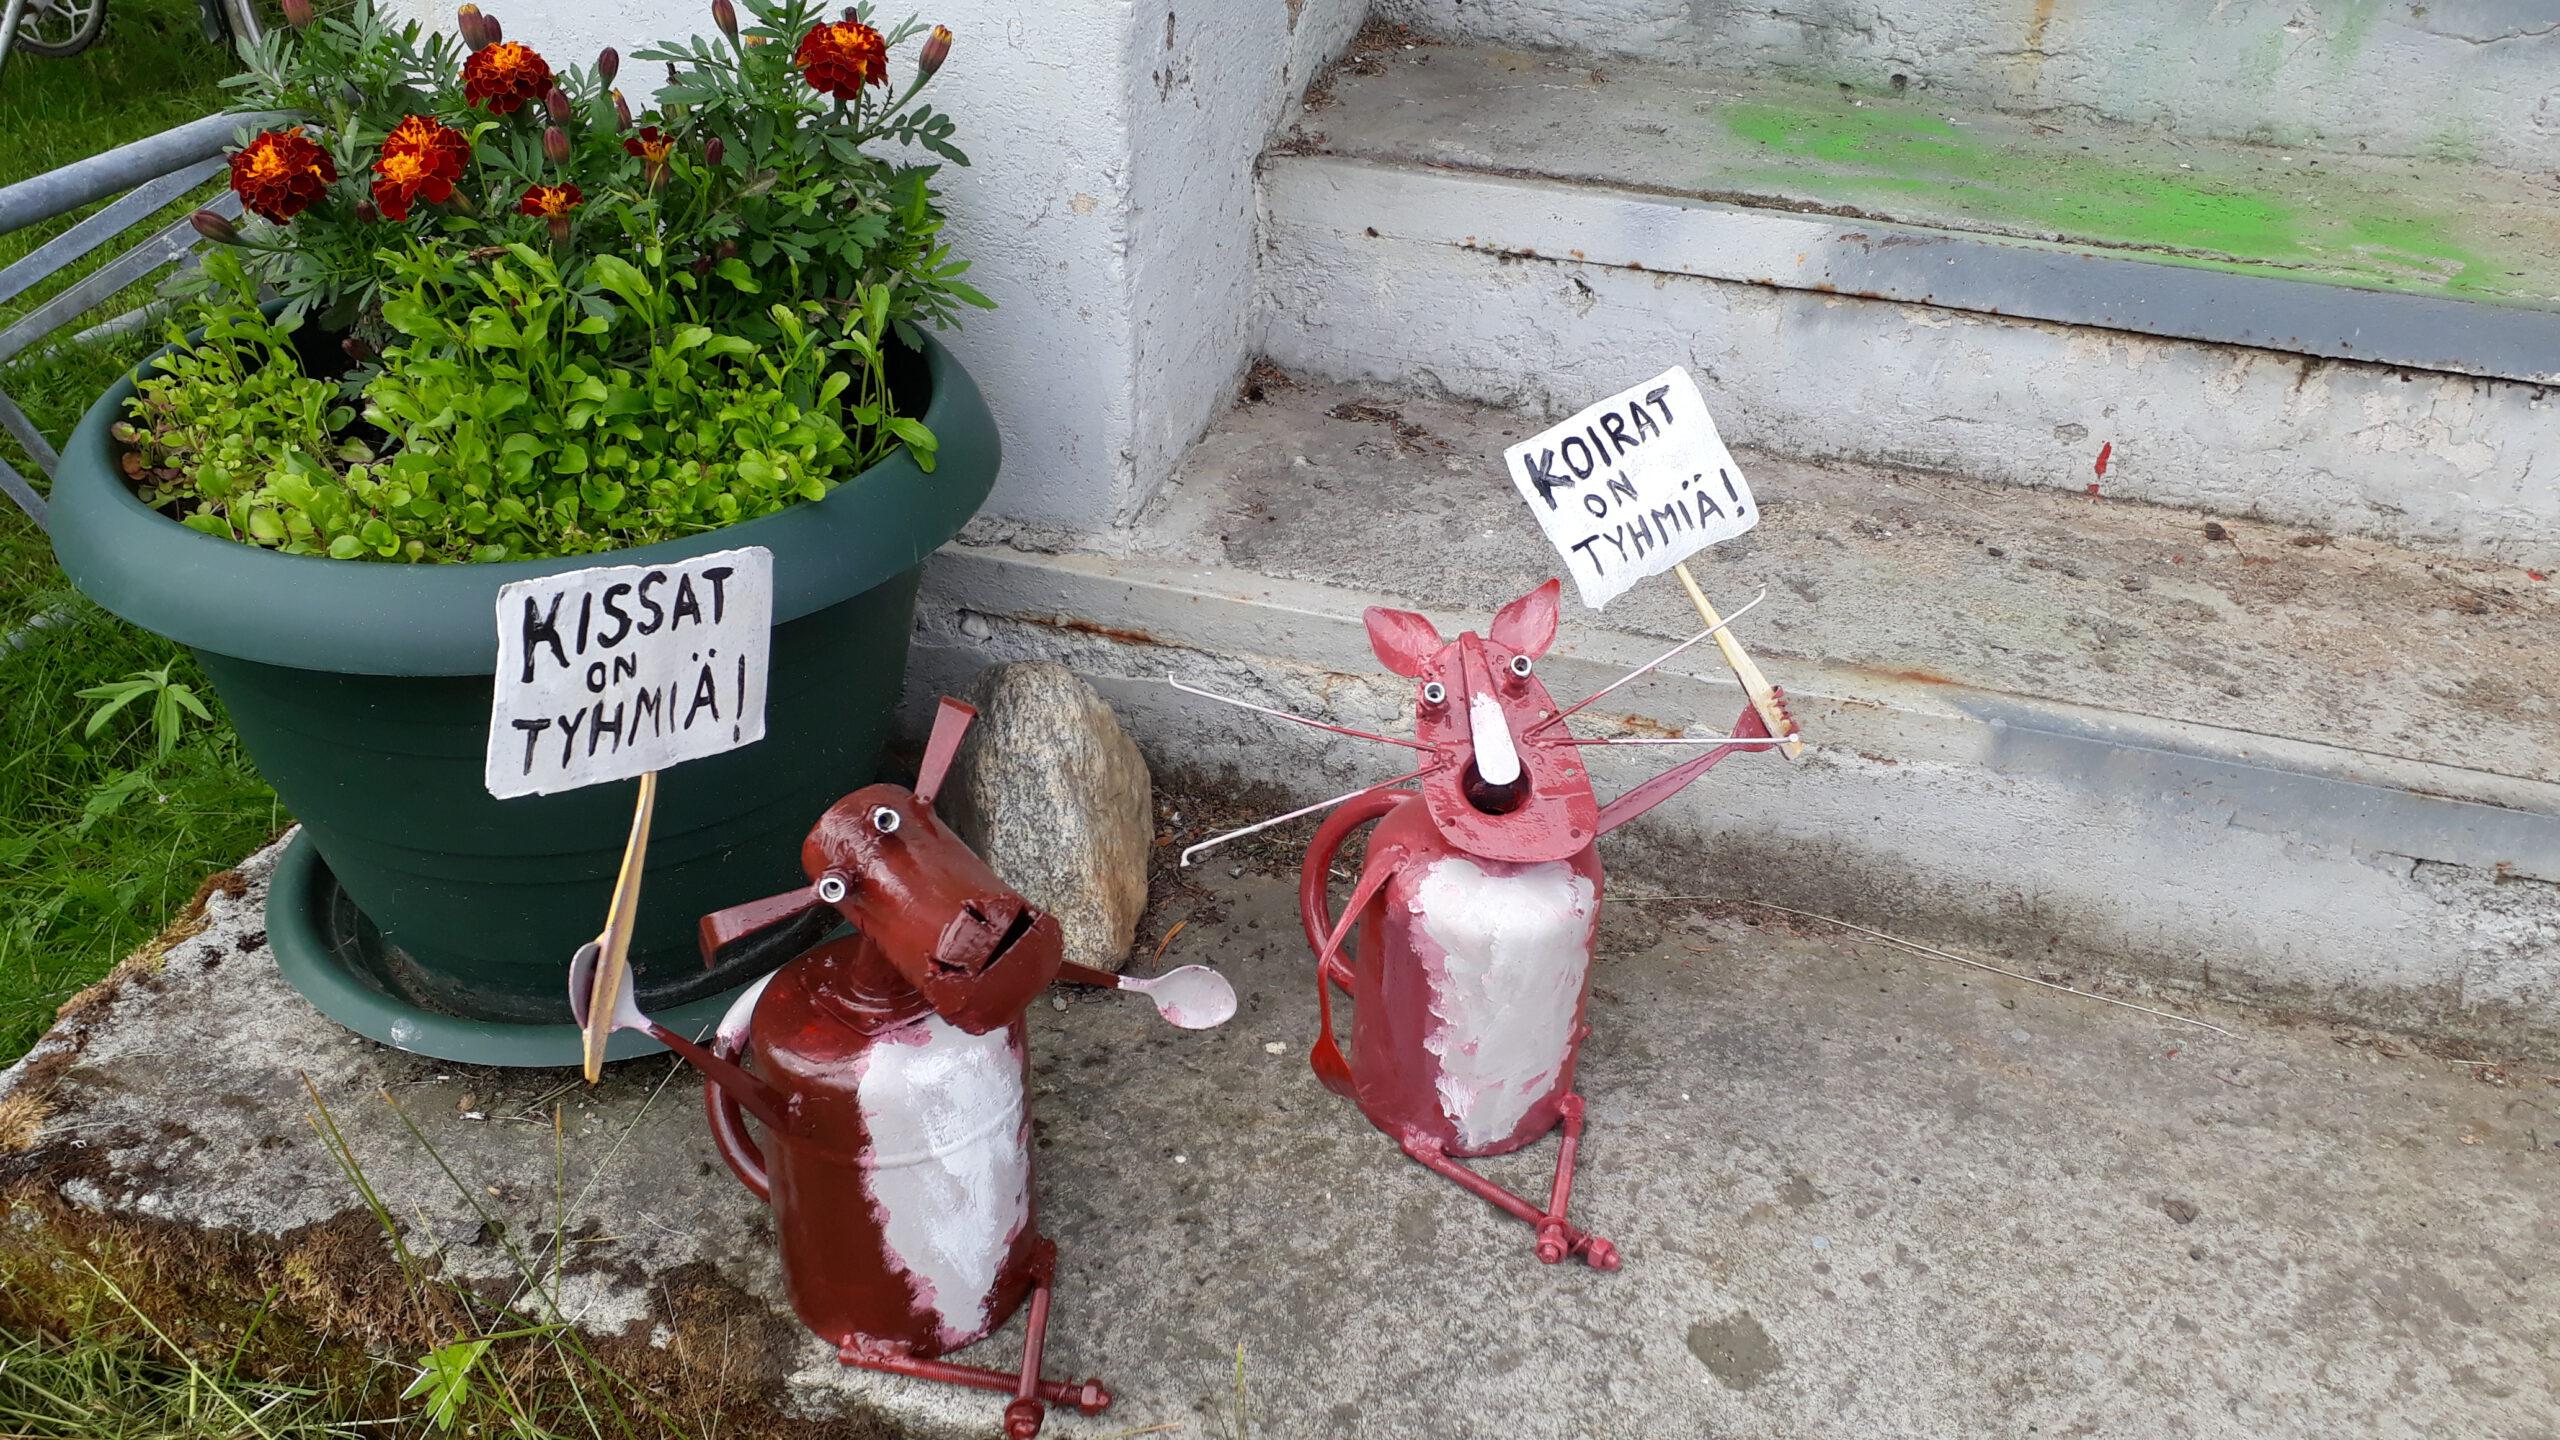 """Portaanpielessä kaksi punaista metallikappaleista muotoiltua eläinhahmoa pitelee kylttejä. Suu ammollaan olevan kissan kyltissä lukee """"Koirat on tyhmiä!"""". Koiran kyltissä lukee """"Kissat on tyhmiä!""""."""